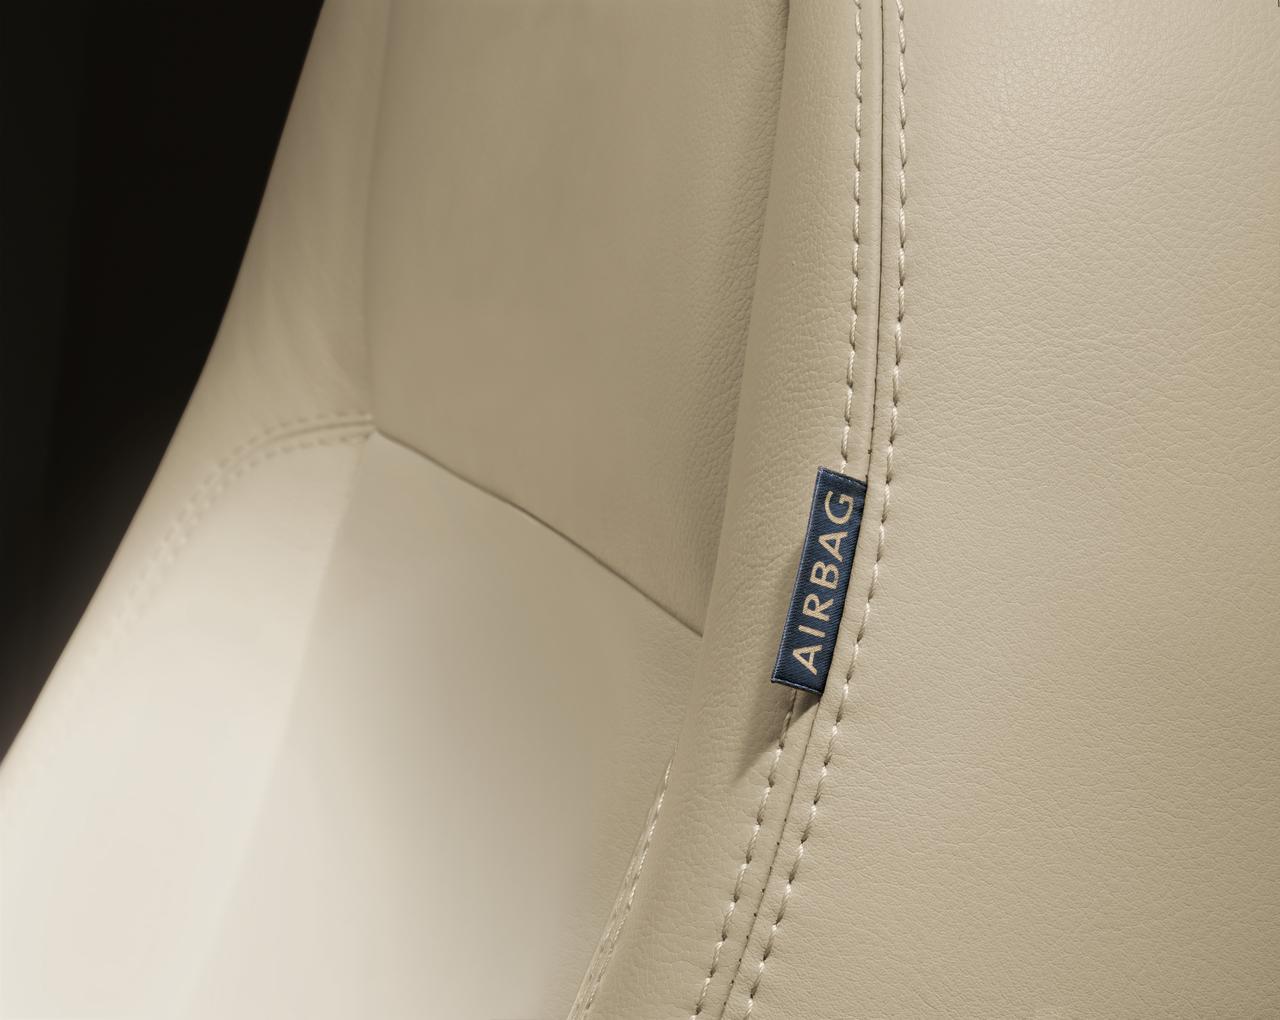 Siège équipé d'un airbag